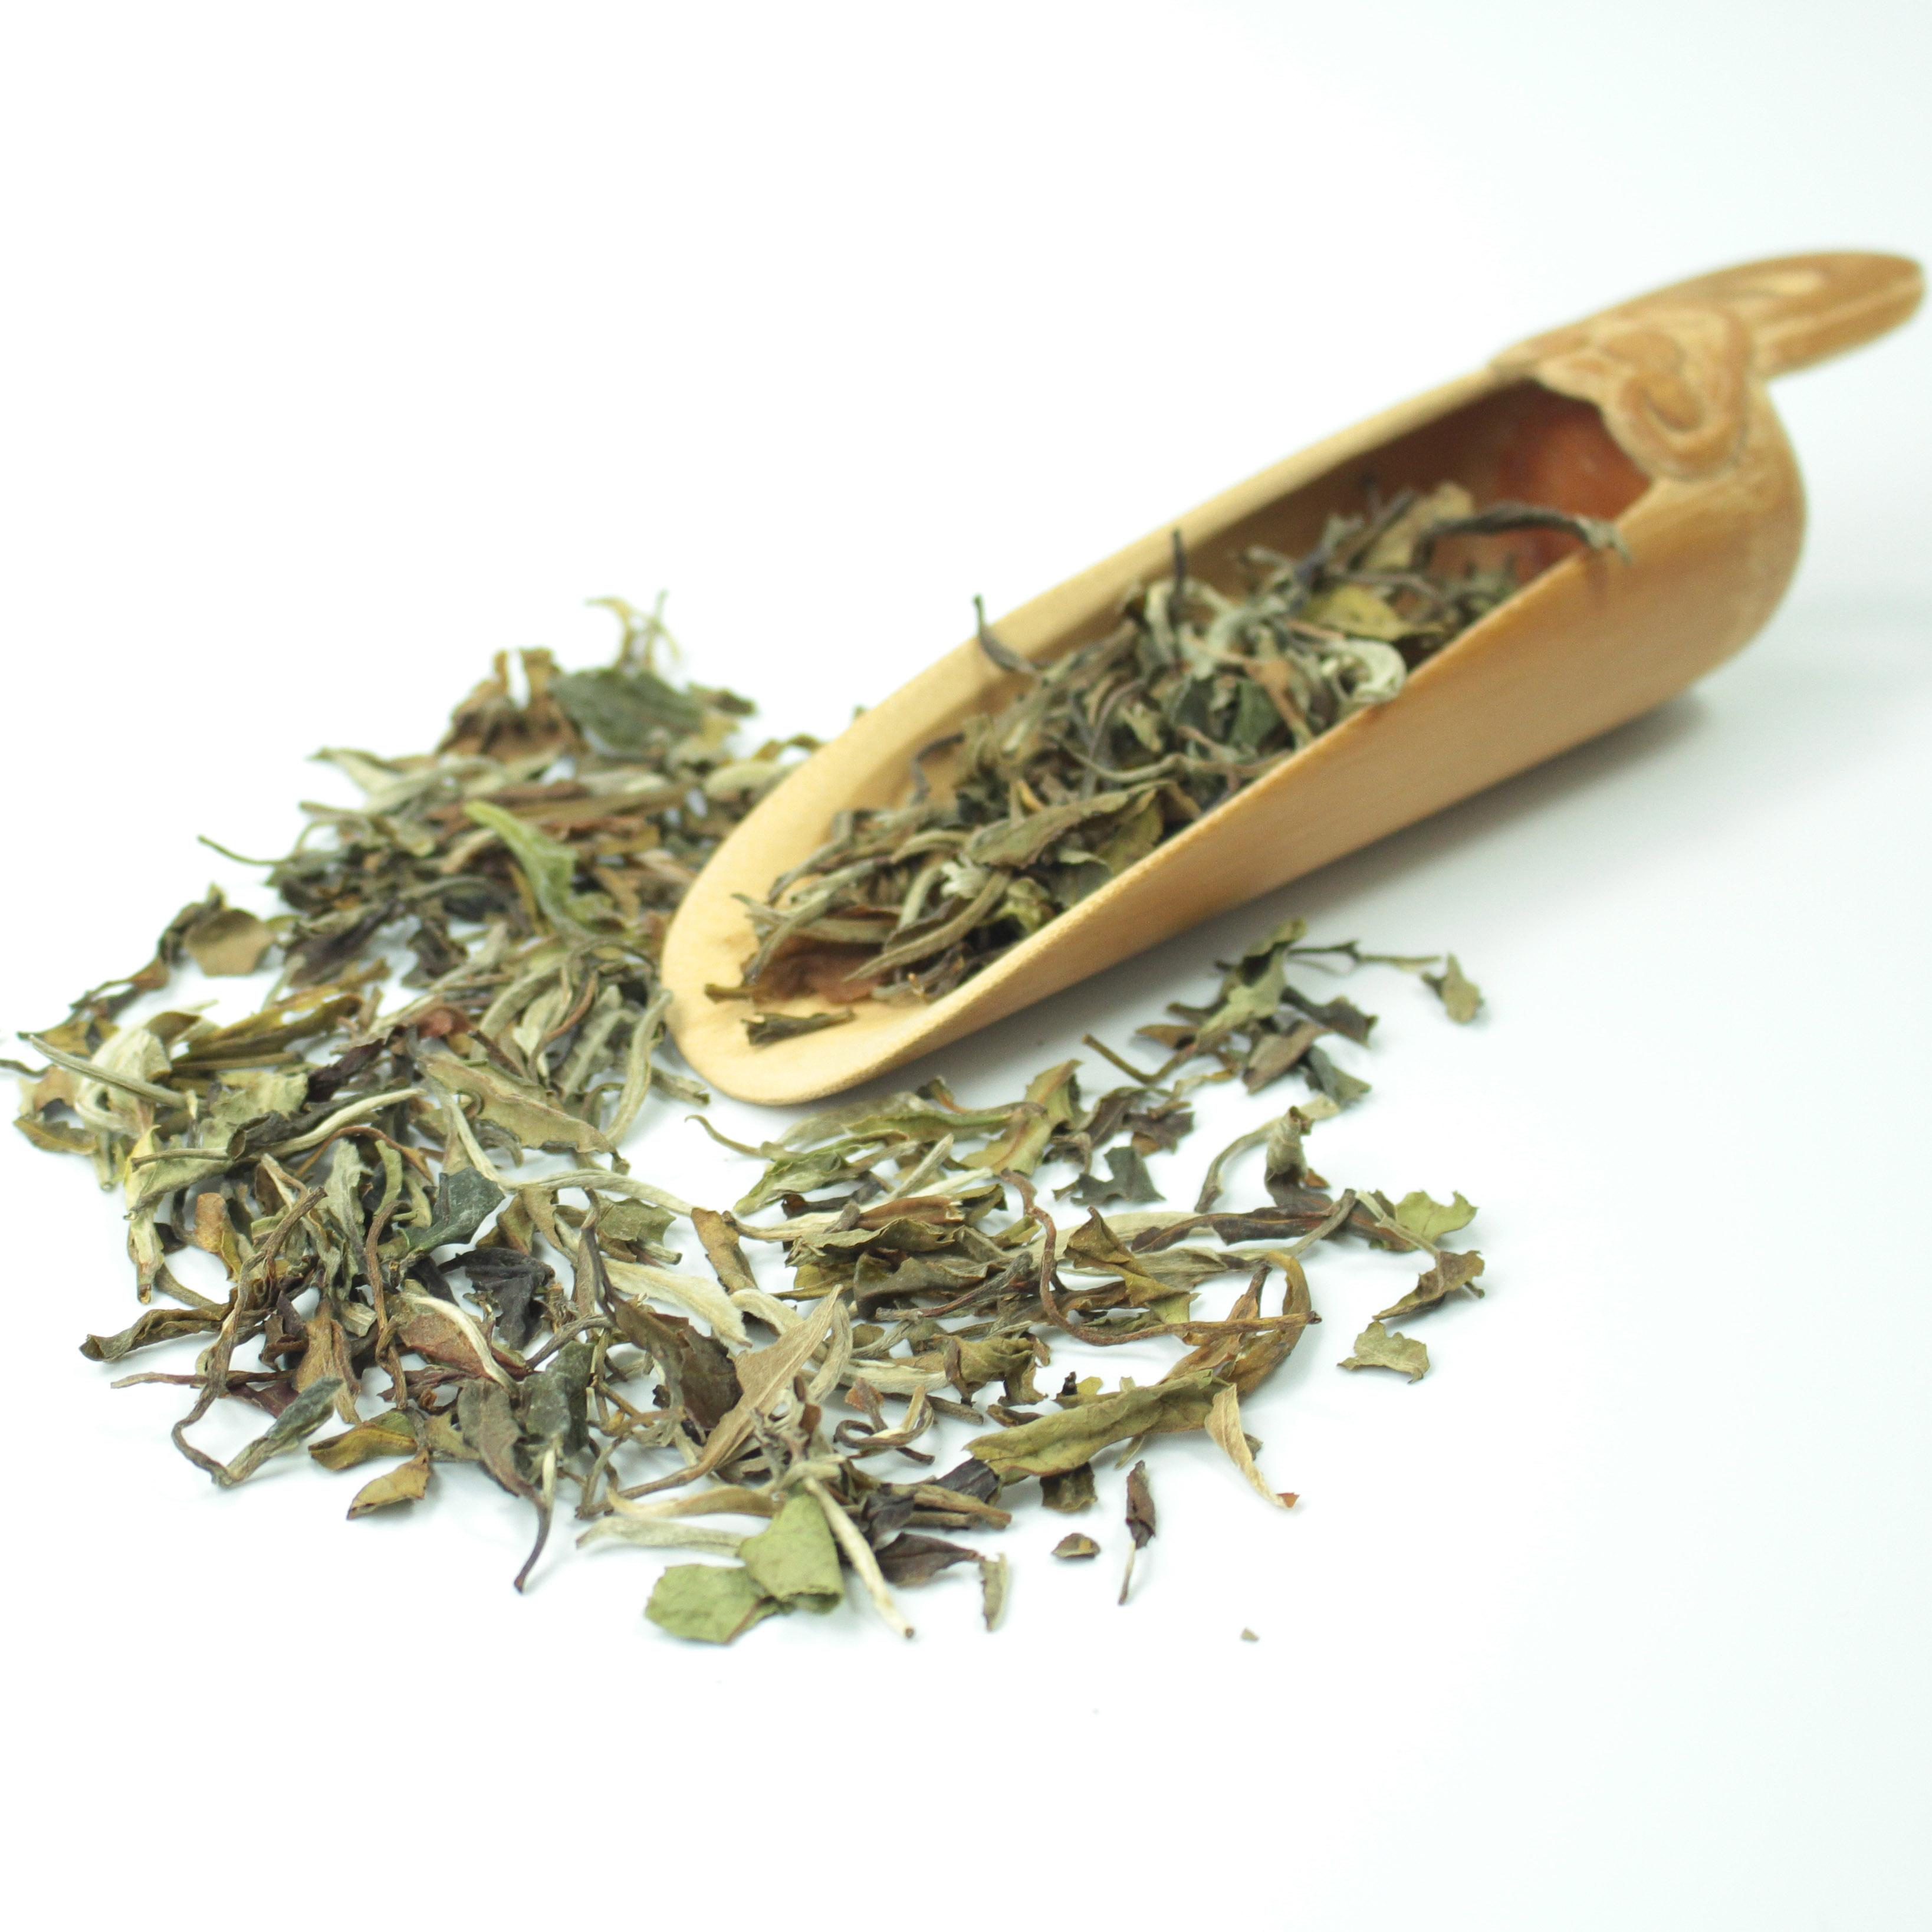 2021 Chinese white tea Organic loose leaf white peony Bai Mu Dan - 4uTea | 4uTea.com